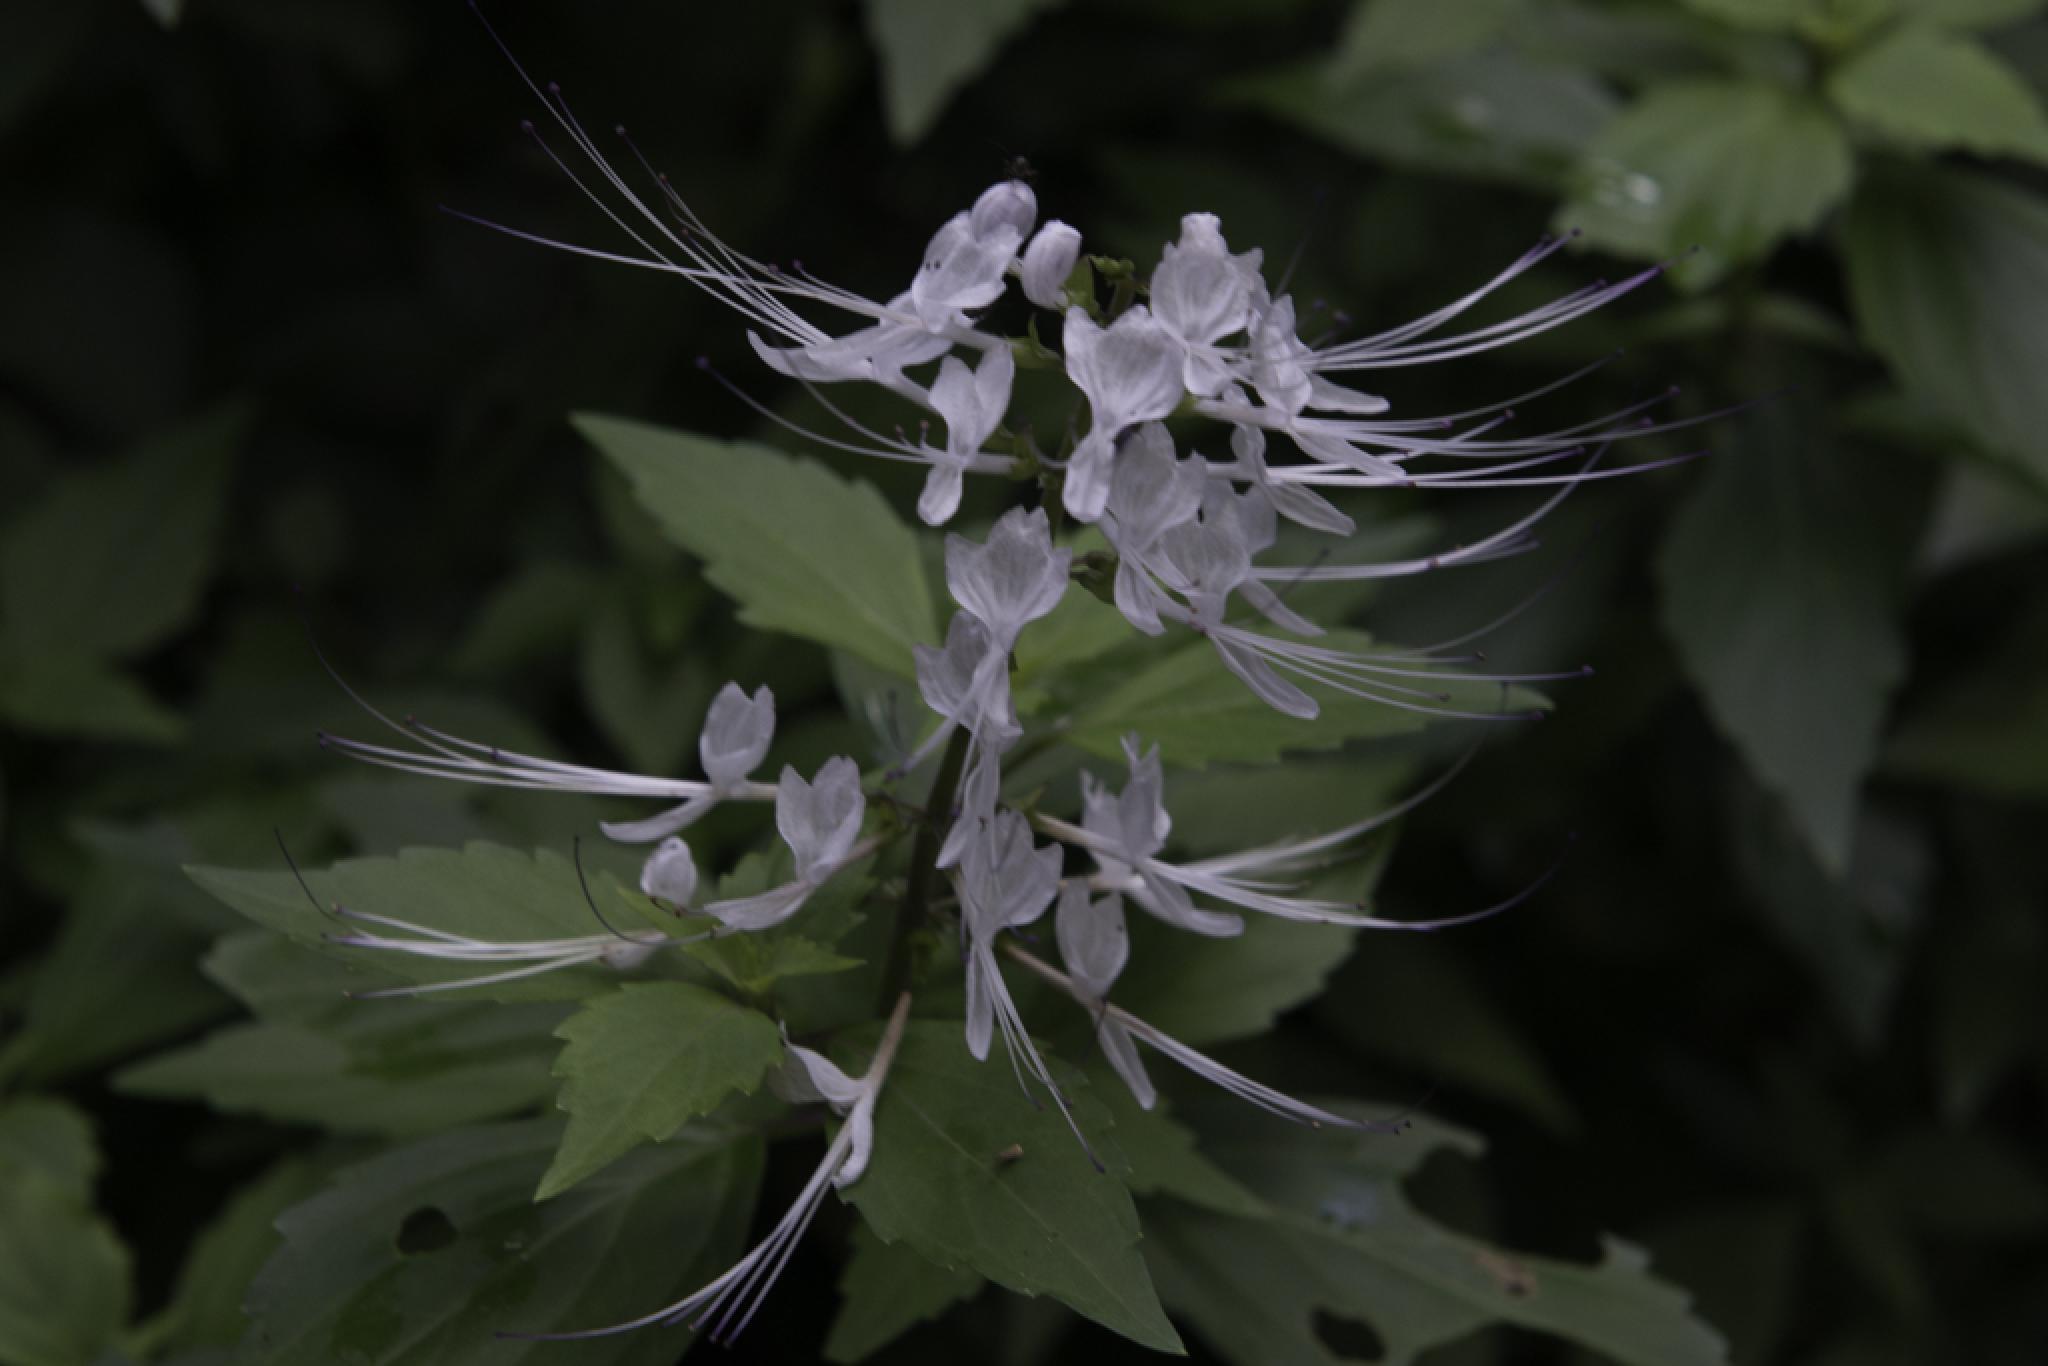 Whisper flower by chrisgnixon